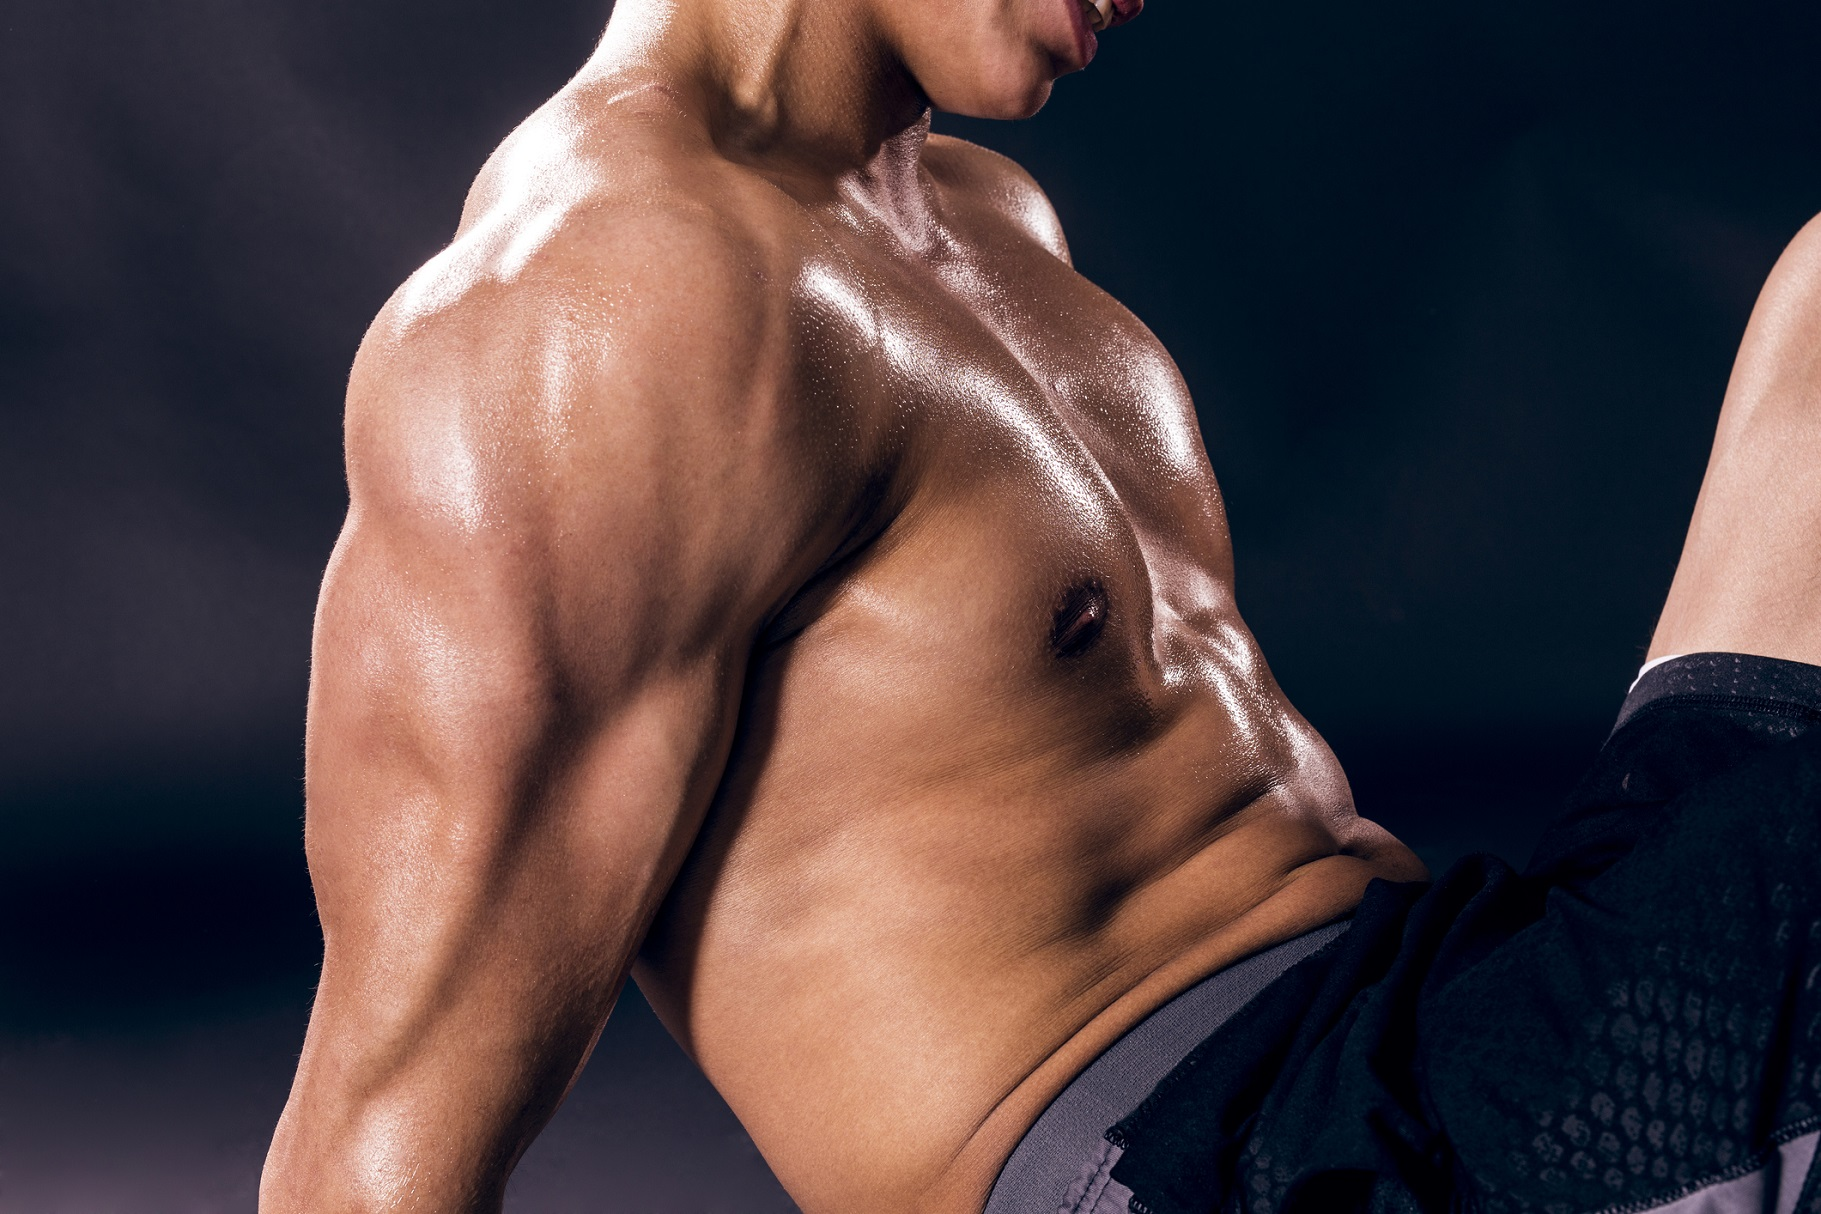 体脂肪を減らせば腹筋も割れる。シックスパックを作る条件と鍛え方